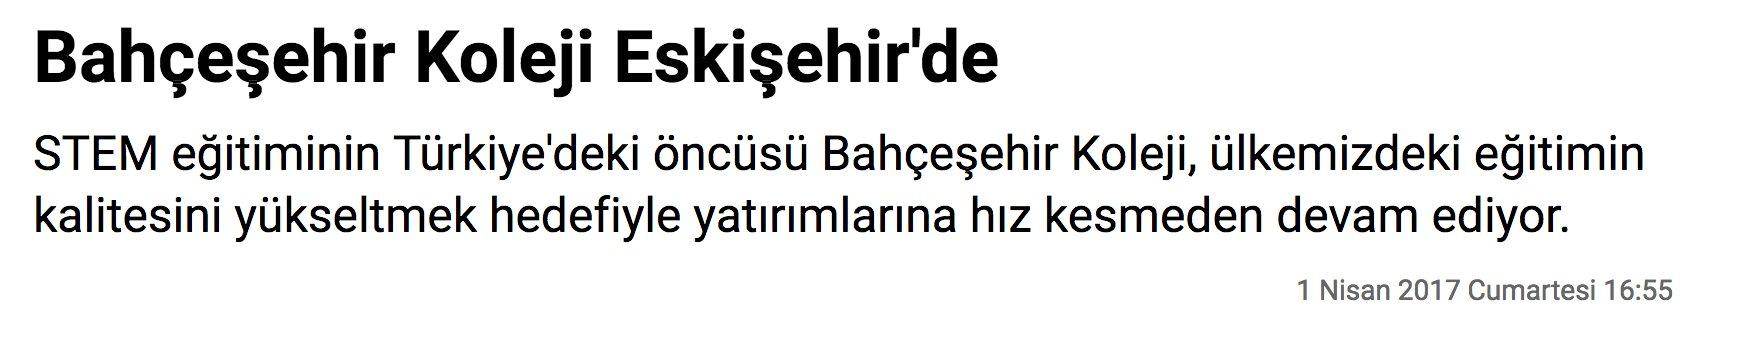 Bahçeşehir Koleji Eskişehir'de